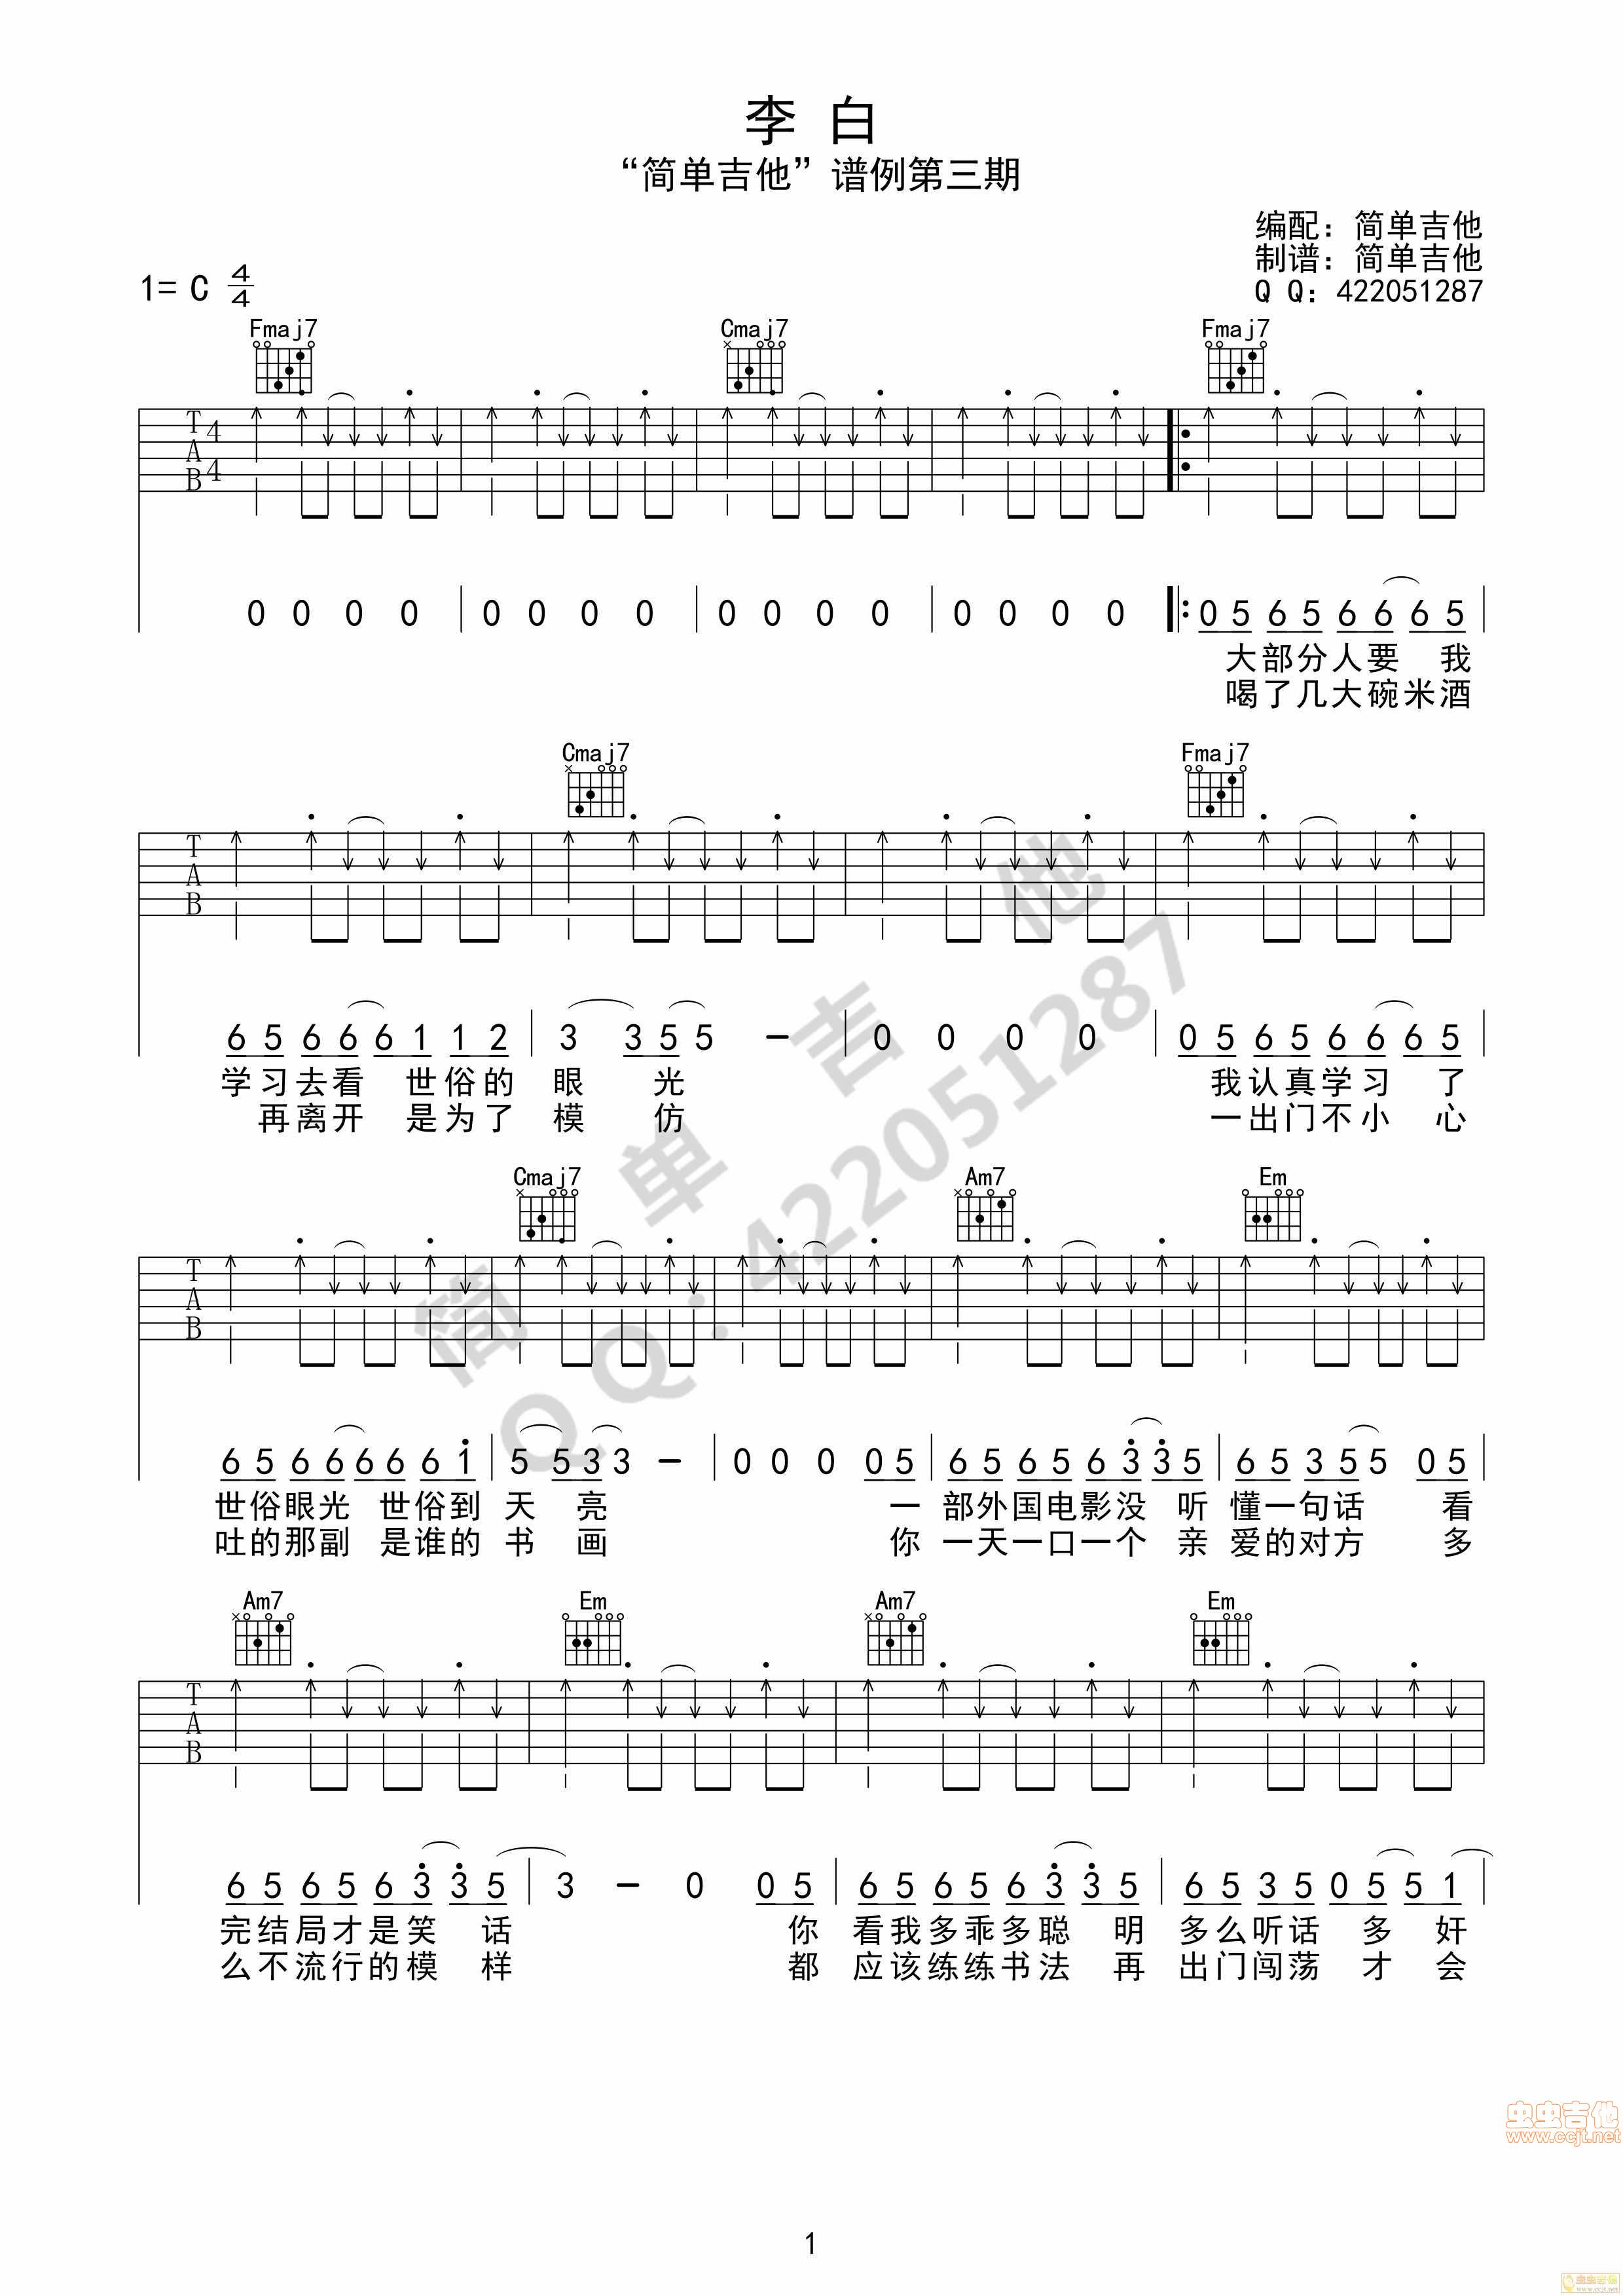 李荣浩—李白(简单版)-吉他谱(吉他曲)-李荣浩-虫虫谱